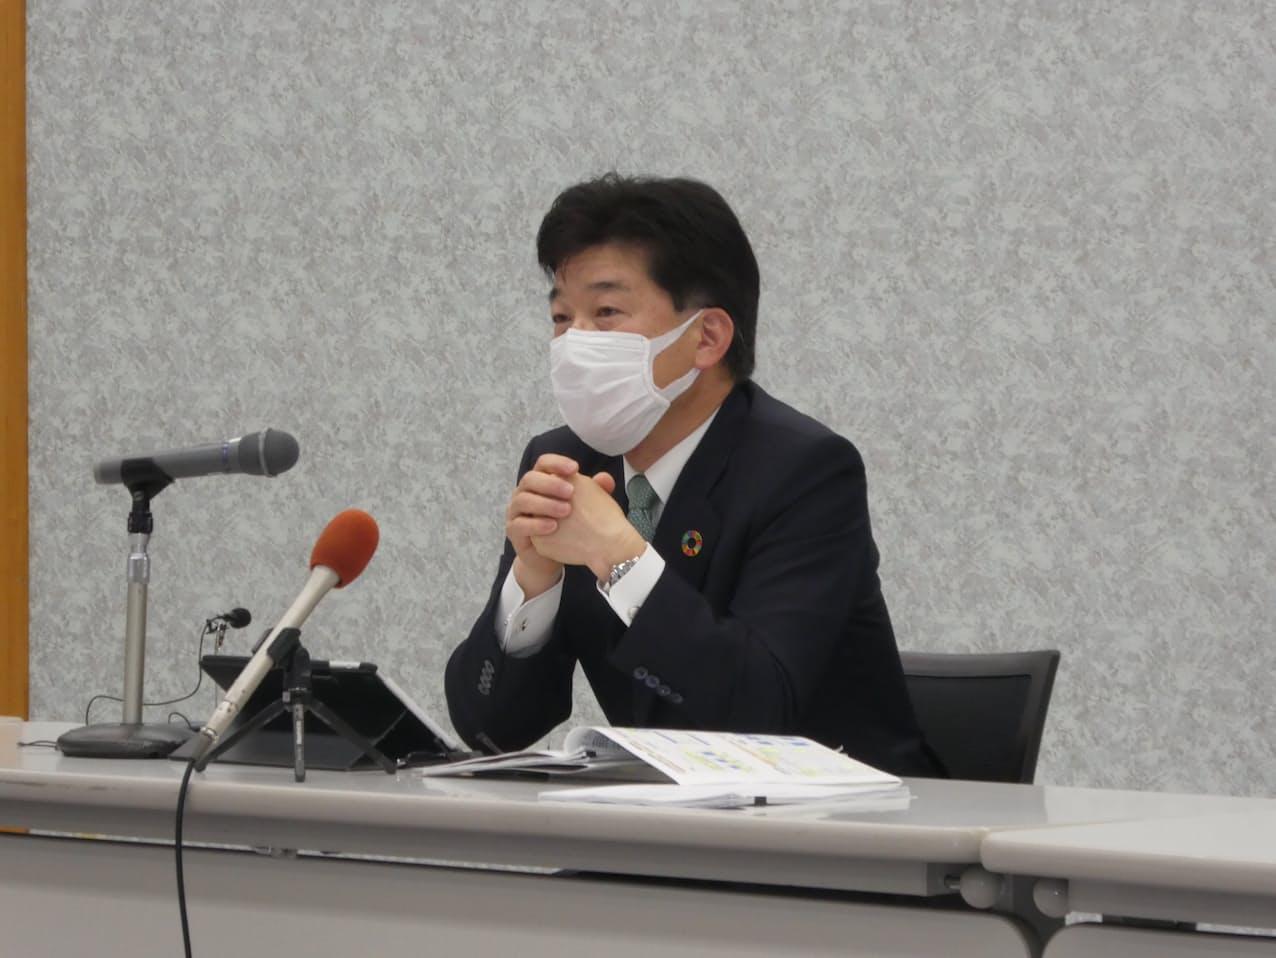 「地域の雇用を守りたい」と語る柴田頭取